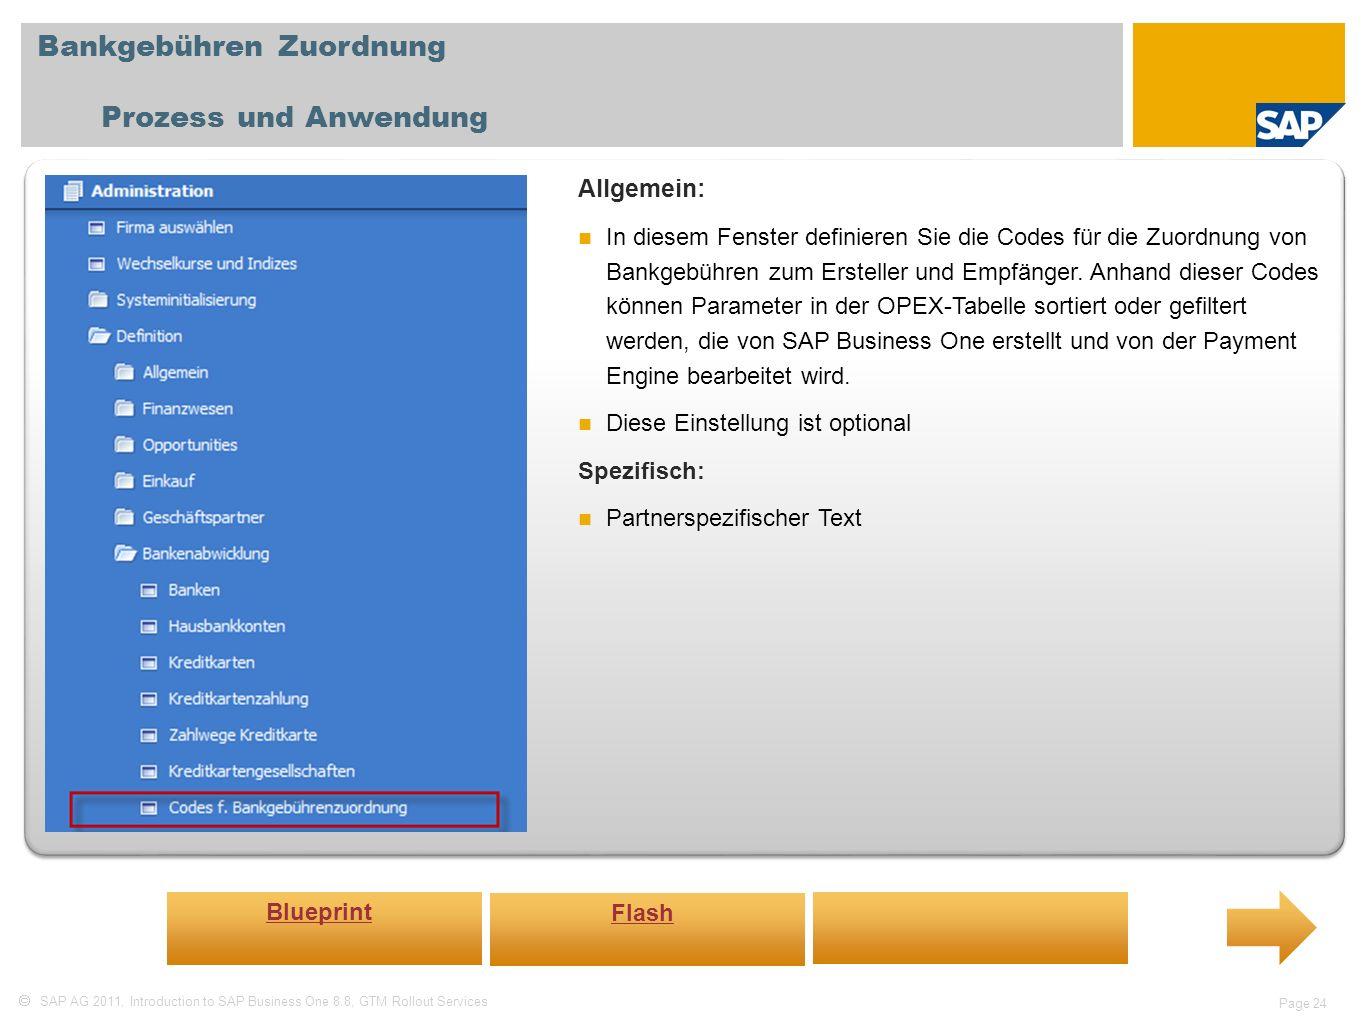 Bankgebühren Zuordnung Prozess und Anwendung